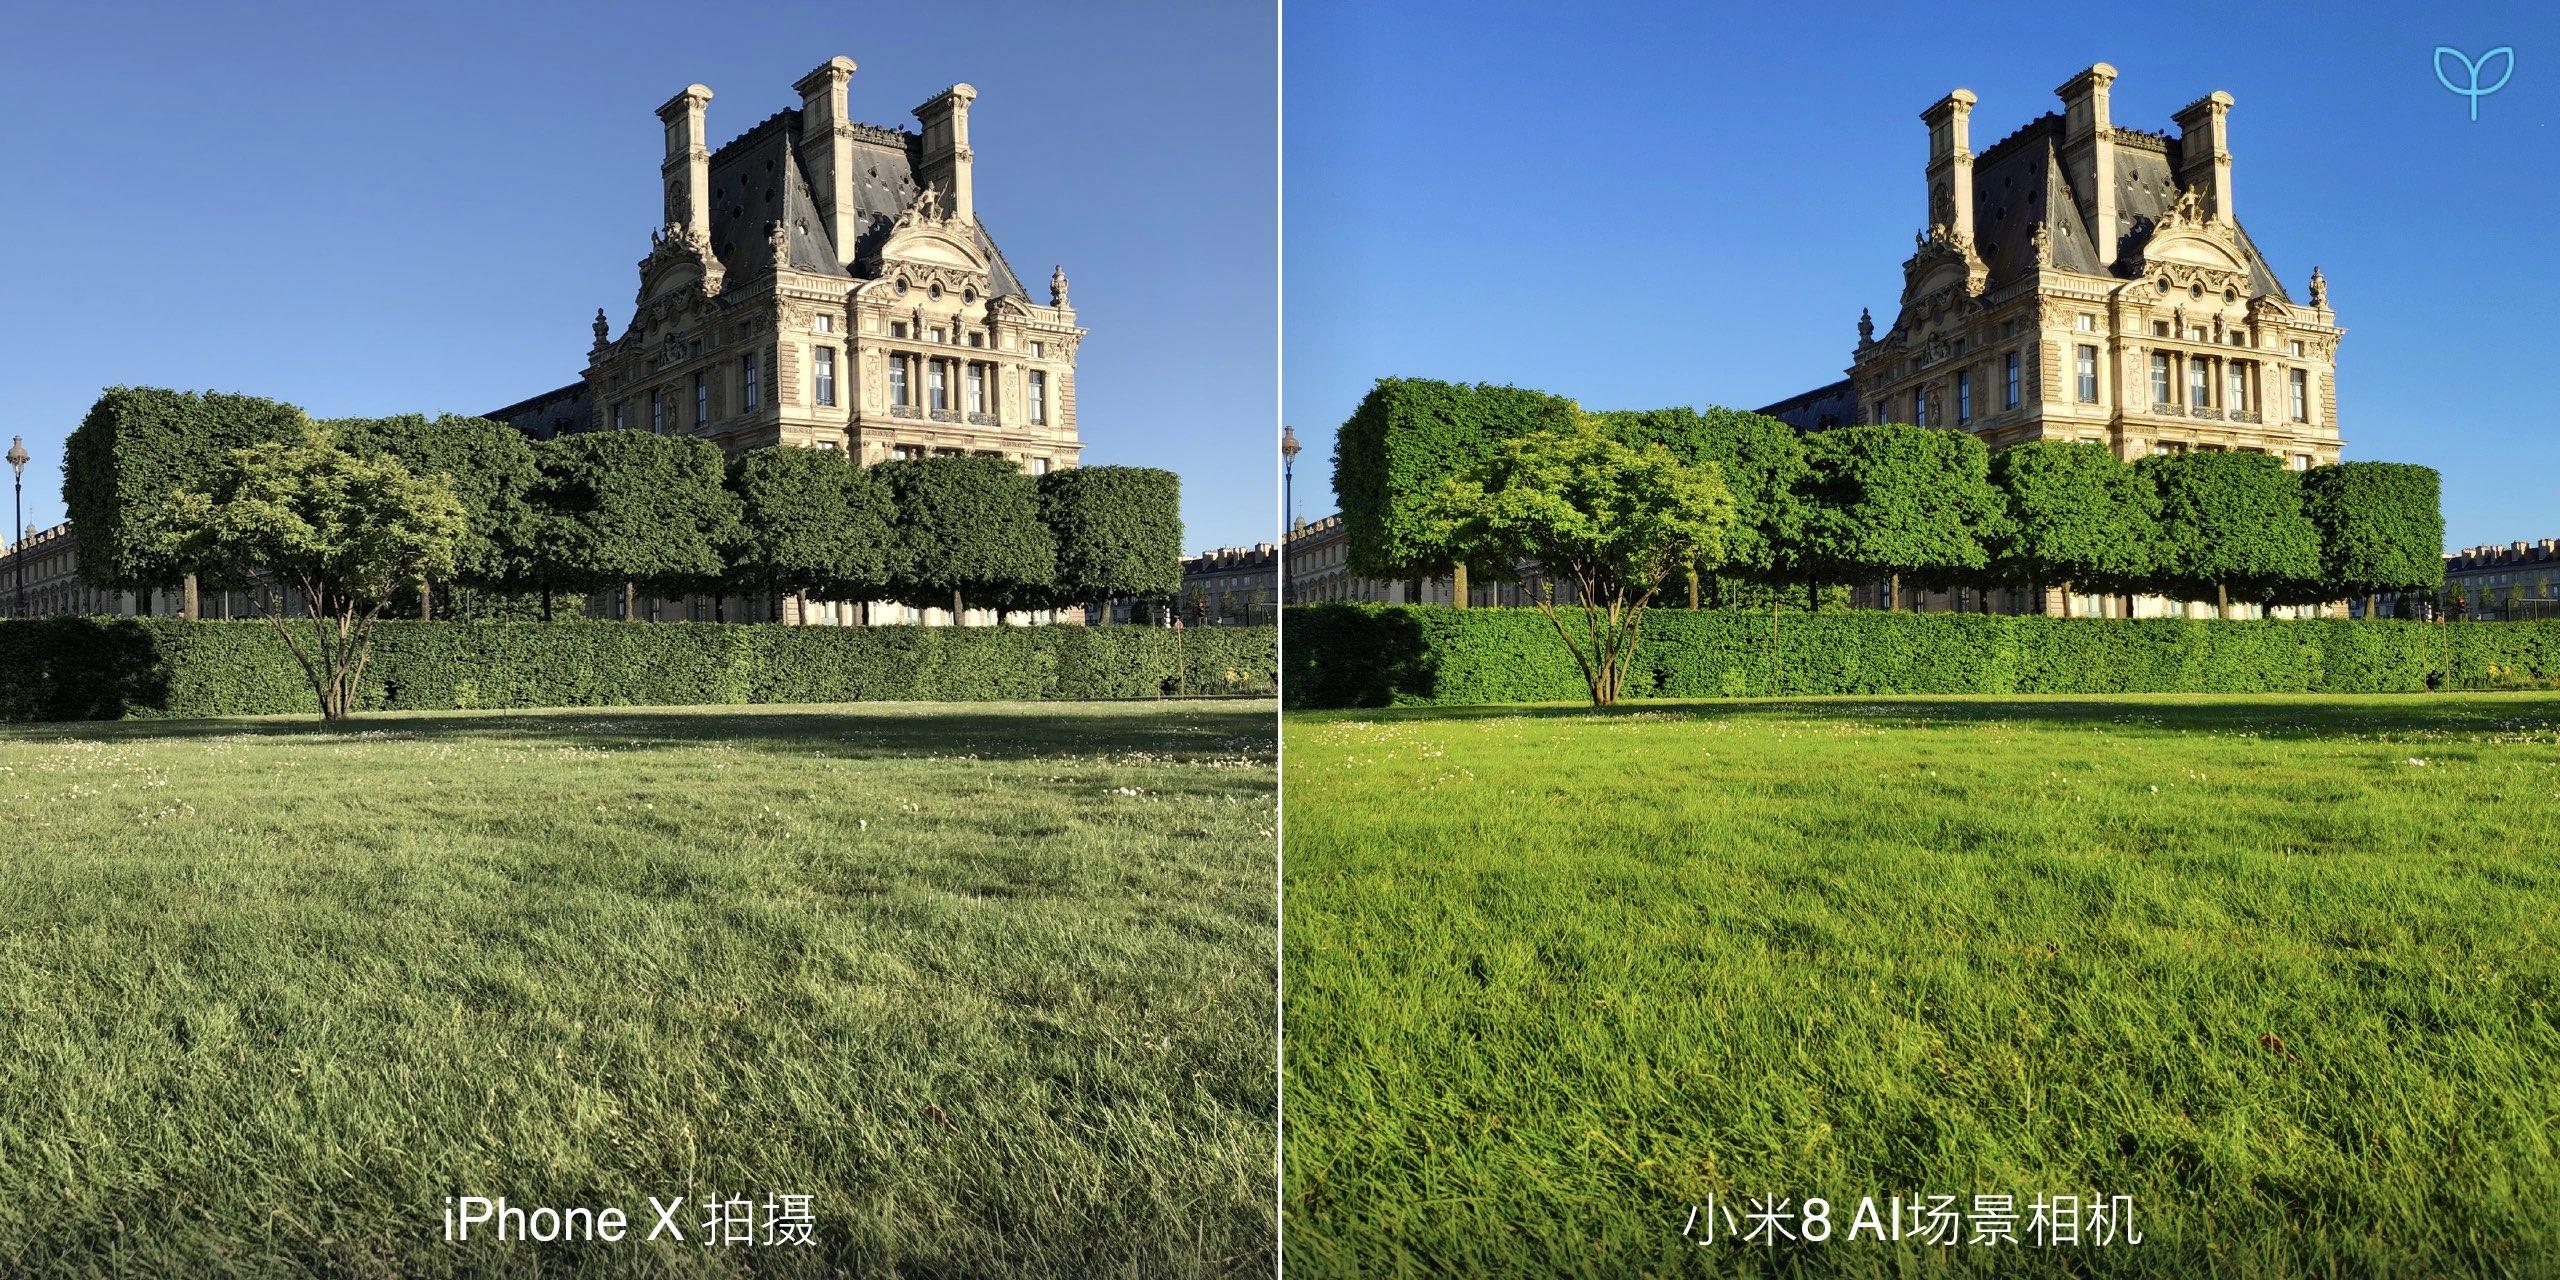 Xiaomi chính thức ra mắt Mi 8/ EE/ SE: Face ID, màn hình tai thỏ, cảm biến vân tay dưới màn hình hình 9